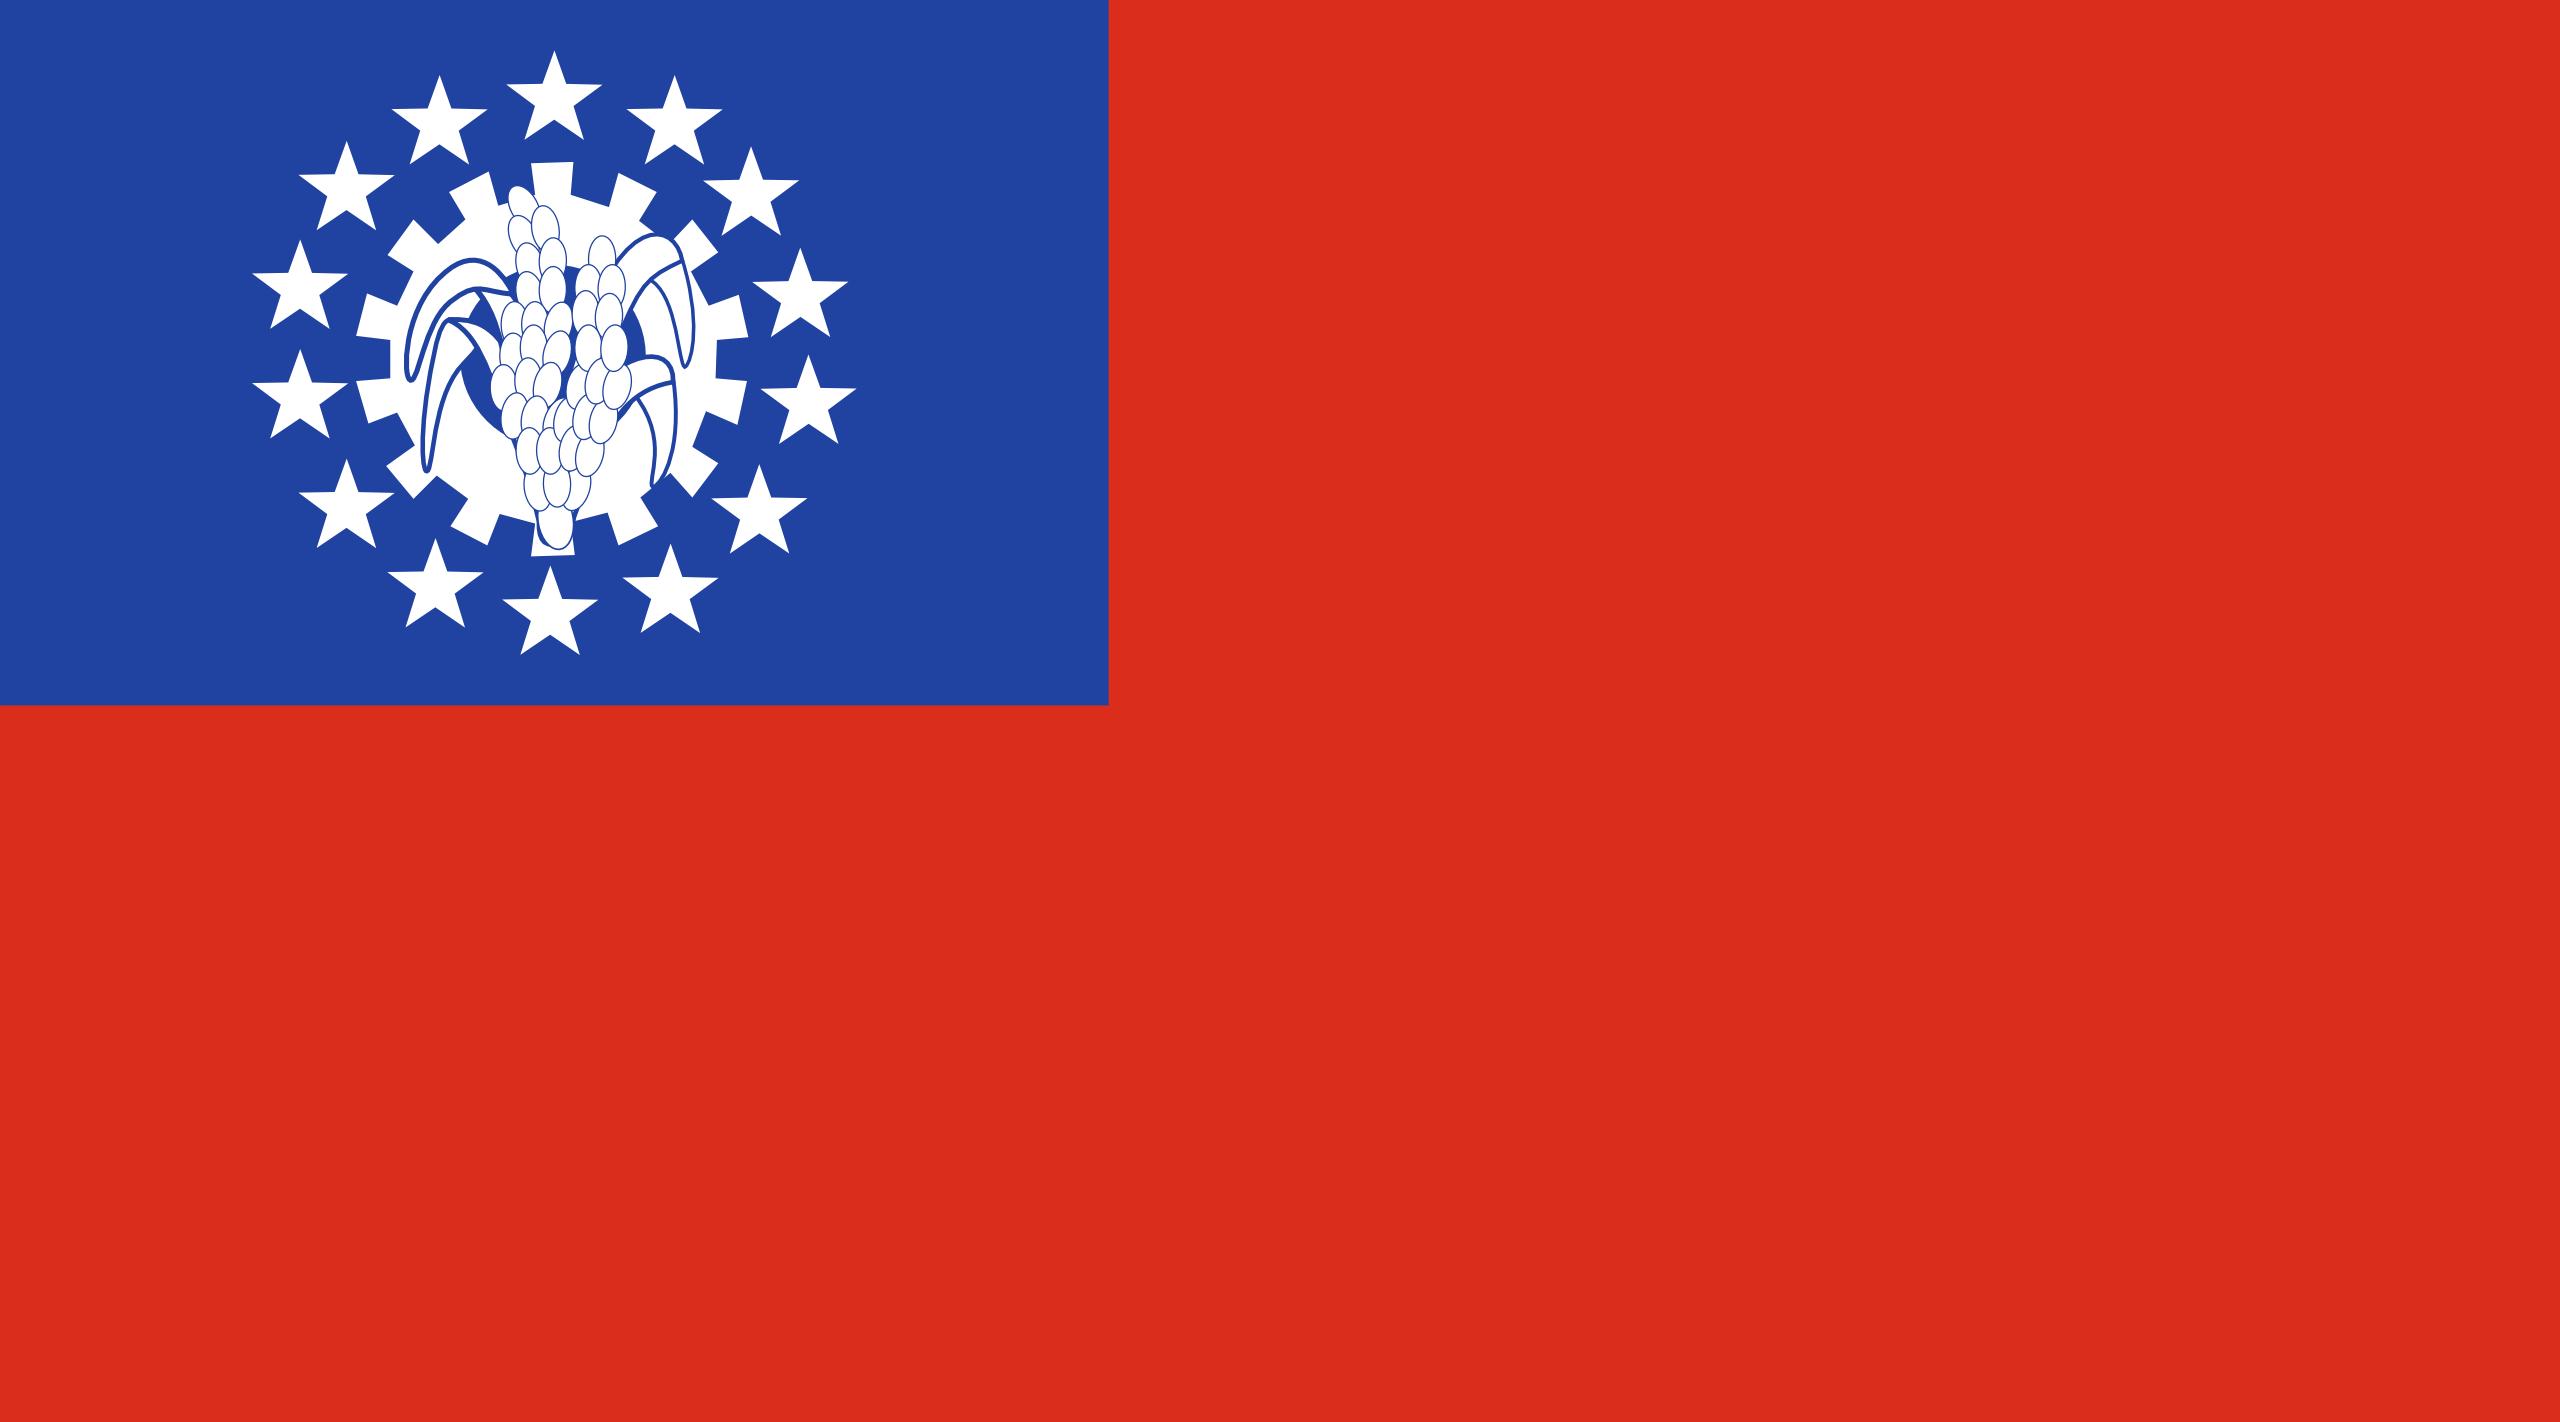 birmania, país, emblema, insignia, símbolo - Fondos de Pantalla HD - professor-falken.com